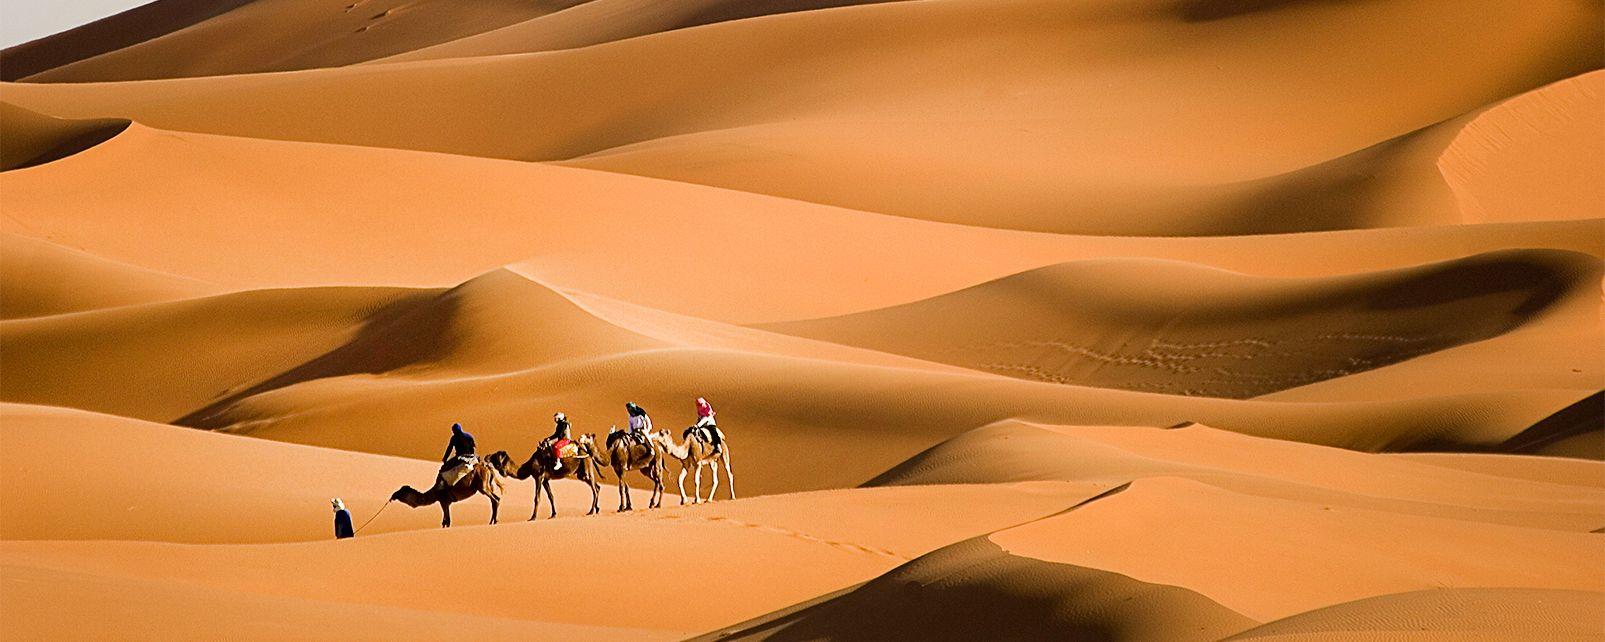 , Trek en el desierto, Las actividades de ocio, Marruecos del Sur